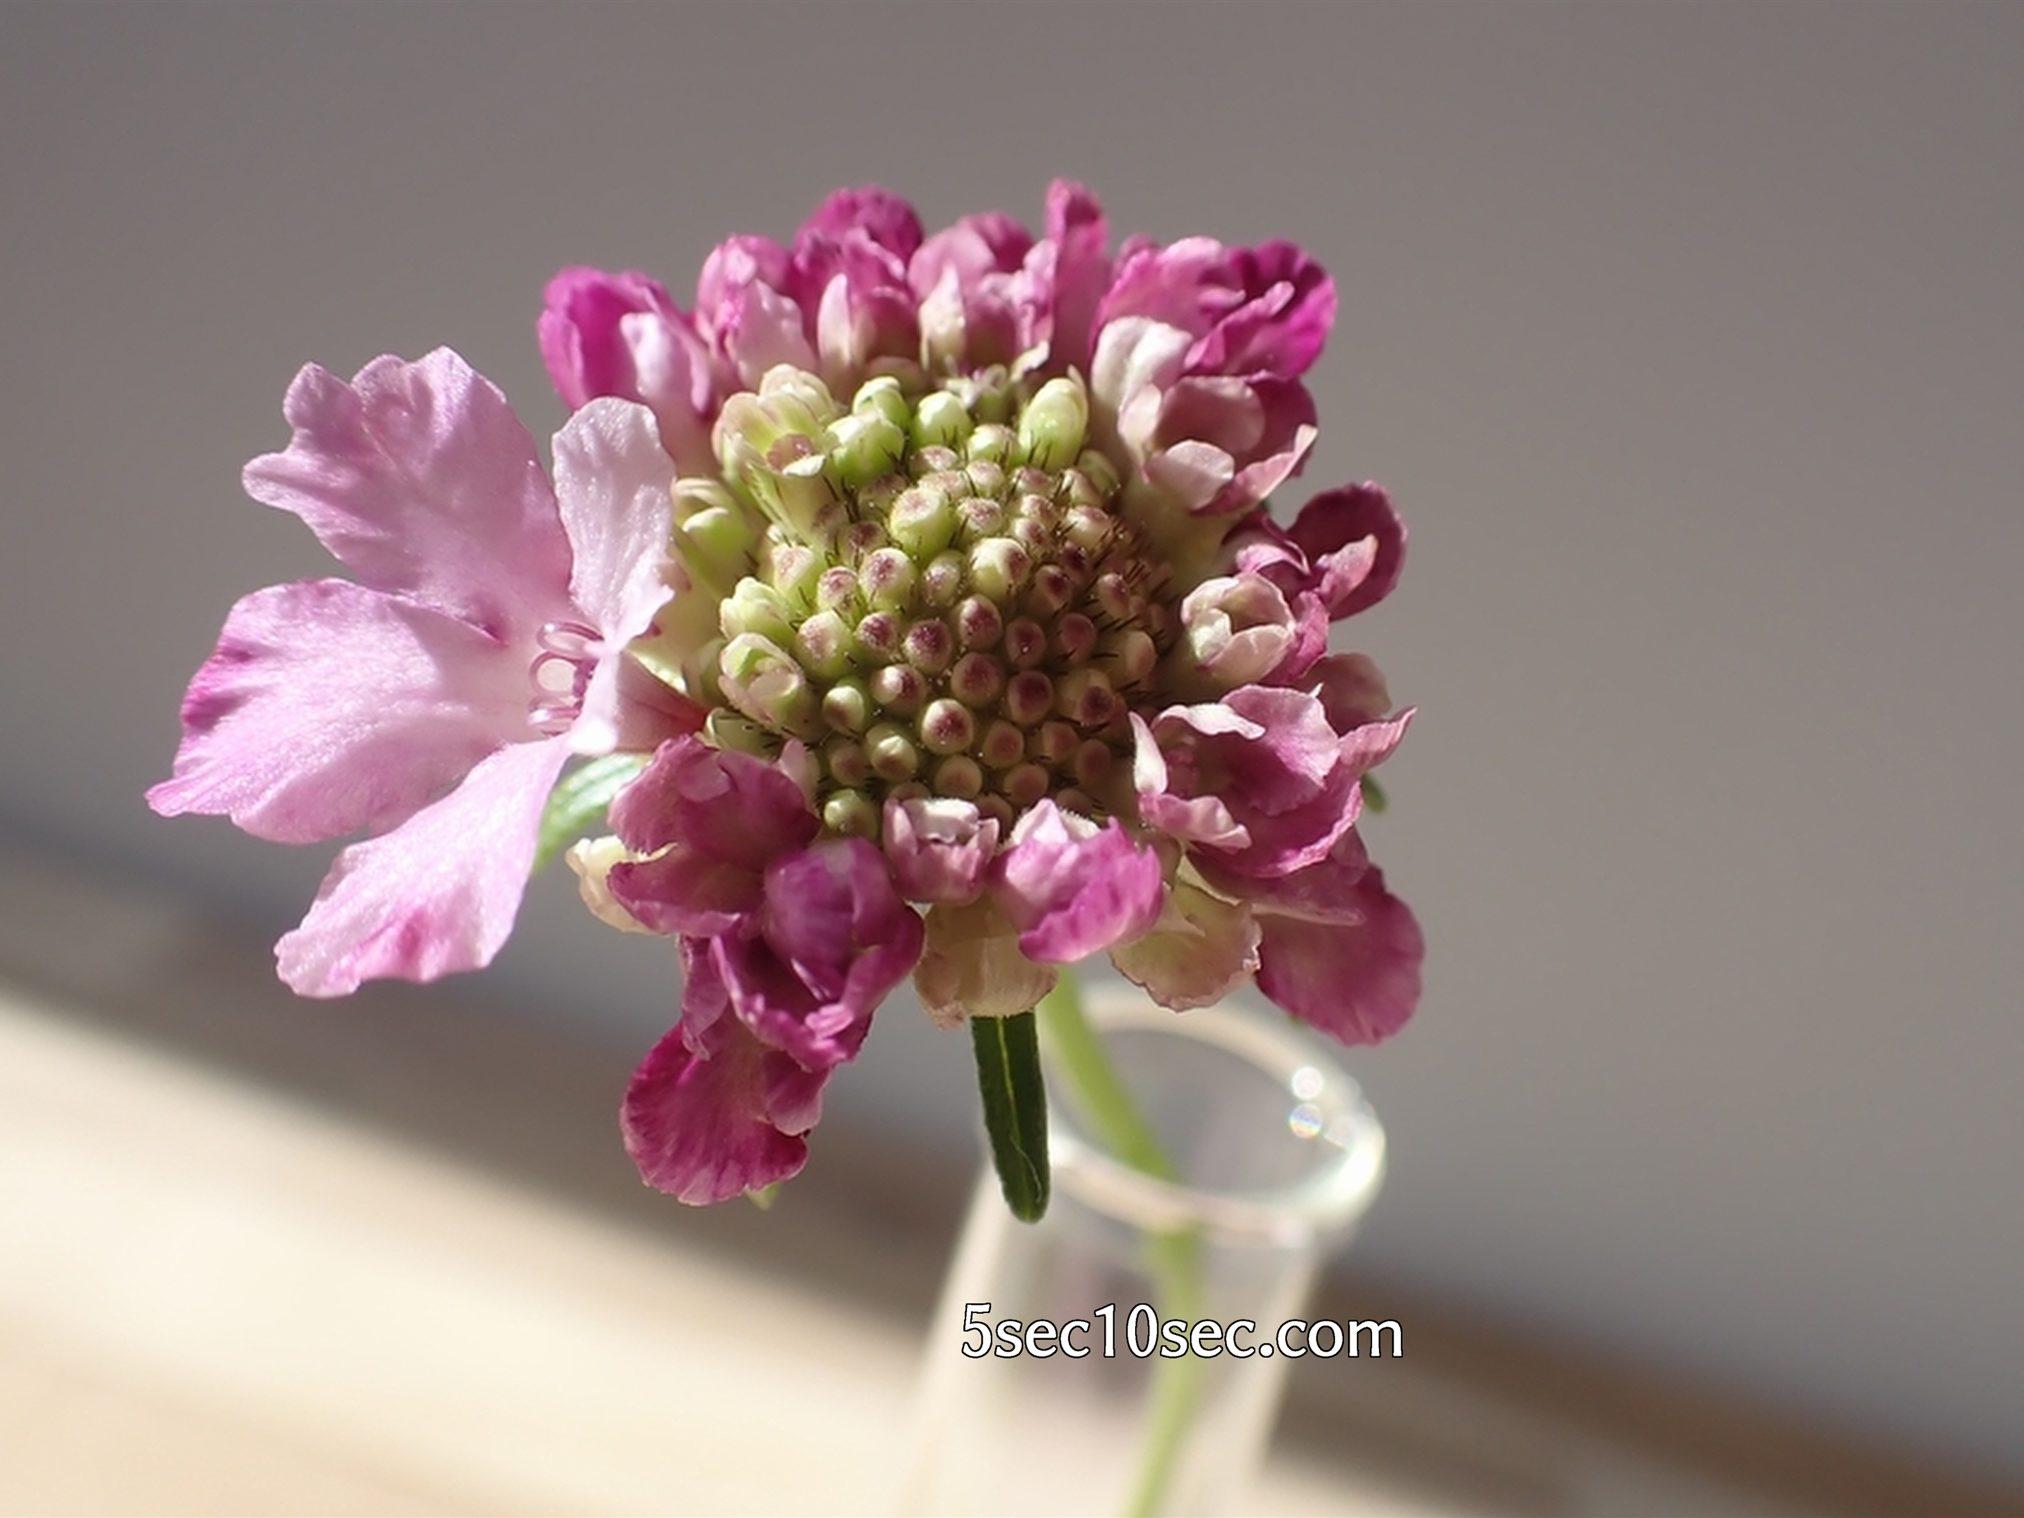 株式会社Crunch Style お花の定期便 Bloomee LIFE ブルーミーライフ スカビオサの花びらが開き始めた、2020年12月5日撮影